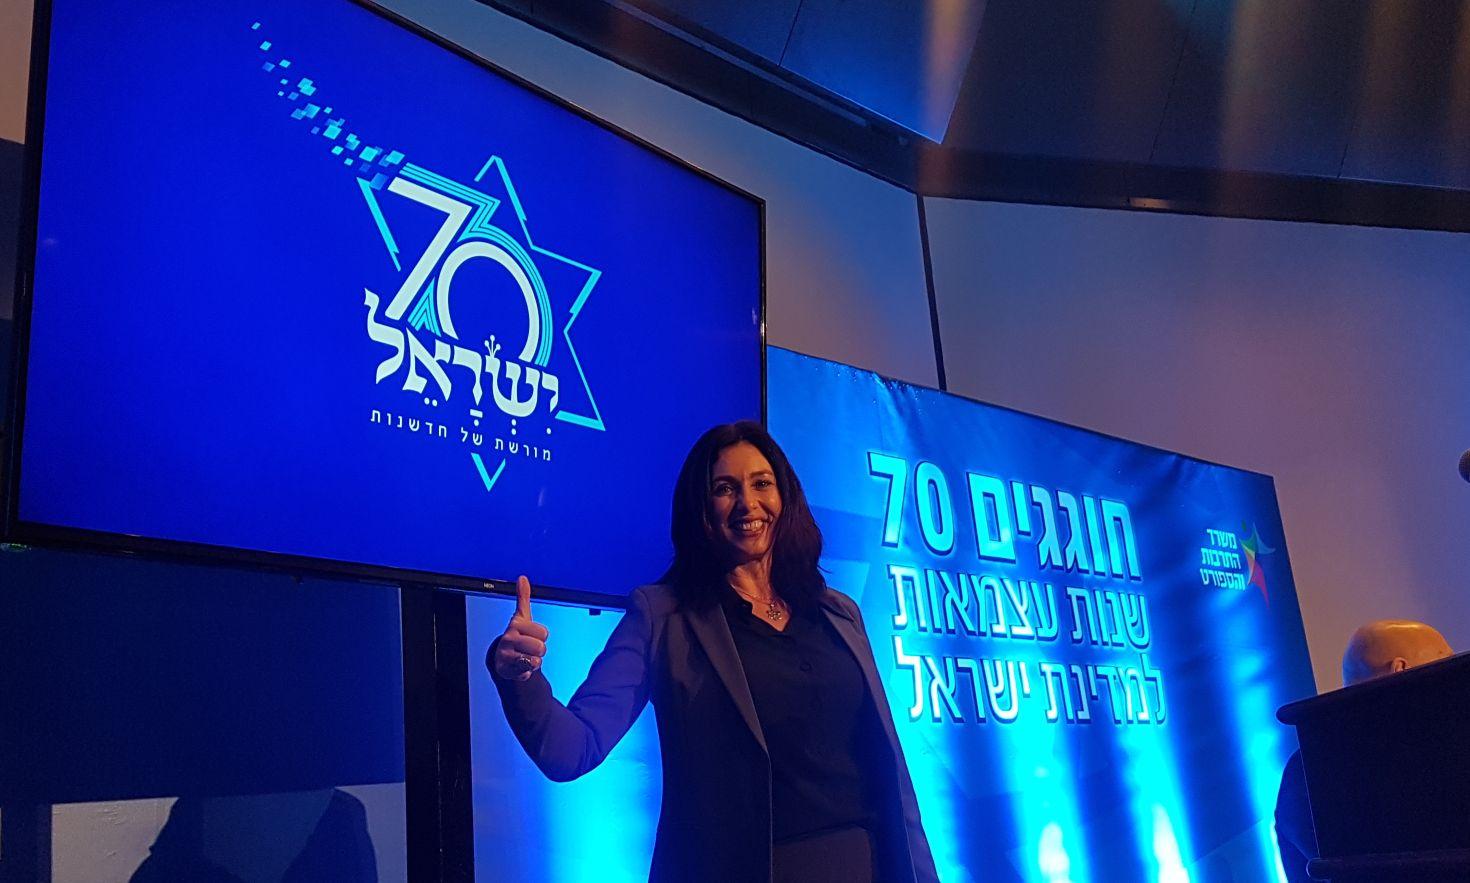 השרה רגב: ״בחגיגות ייקחו חלק כל האזרחים – יהיו 70 שעות של חגיגה ישראלית״